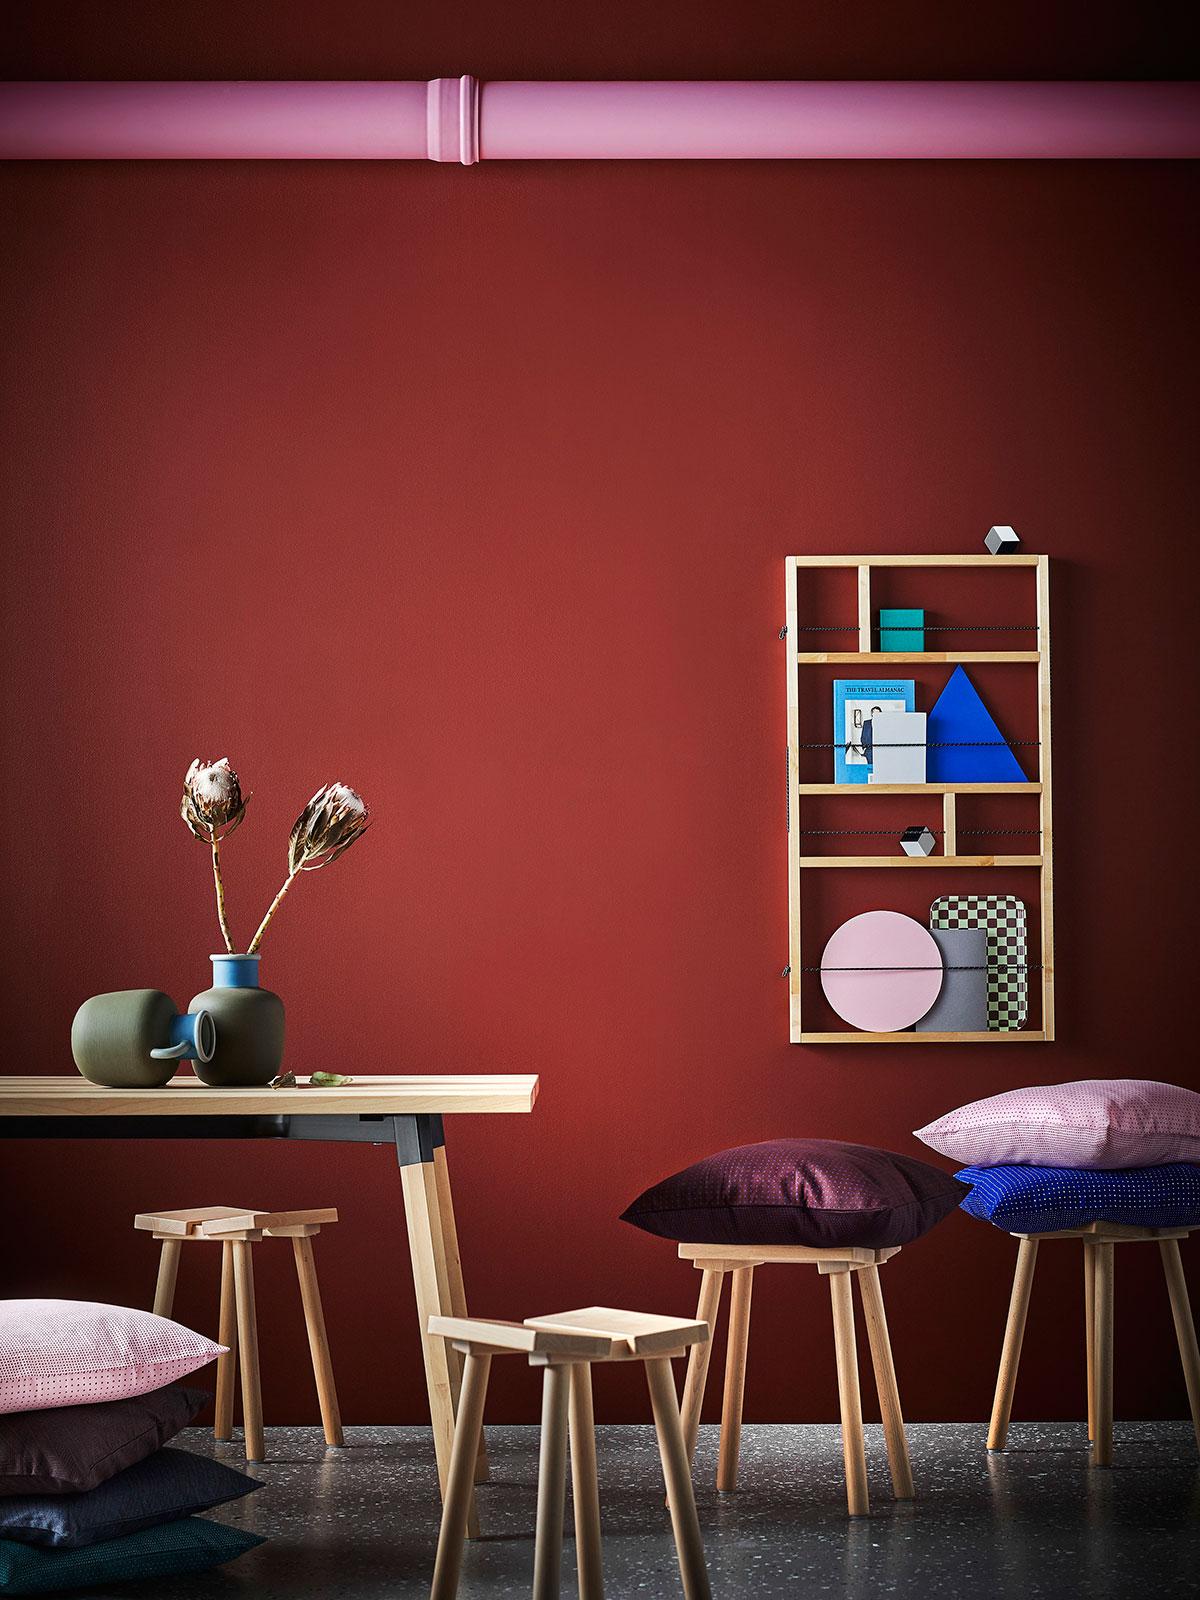 ... Fotos Der Fruchtbaren Zusammenarbeit Von HAY Und IKEA Mit Dem Namen  YPPERLIG, Was übrigens So Viel Bedeutet Wie U201eausgezeichnetu201c Oder U201e Vortrefflichu201c.